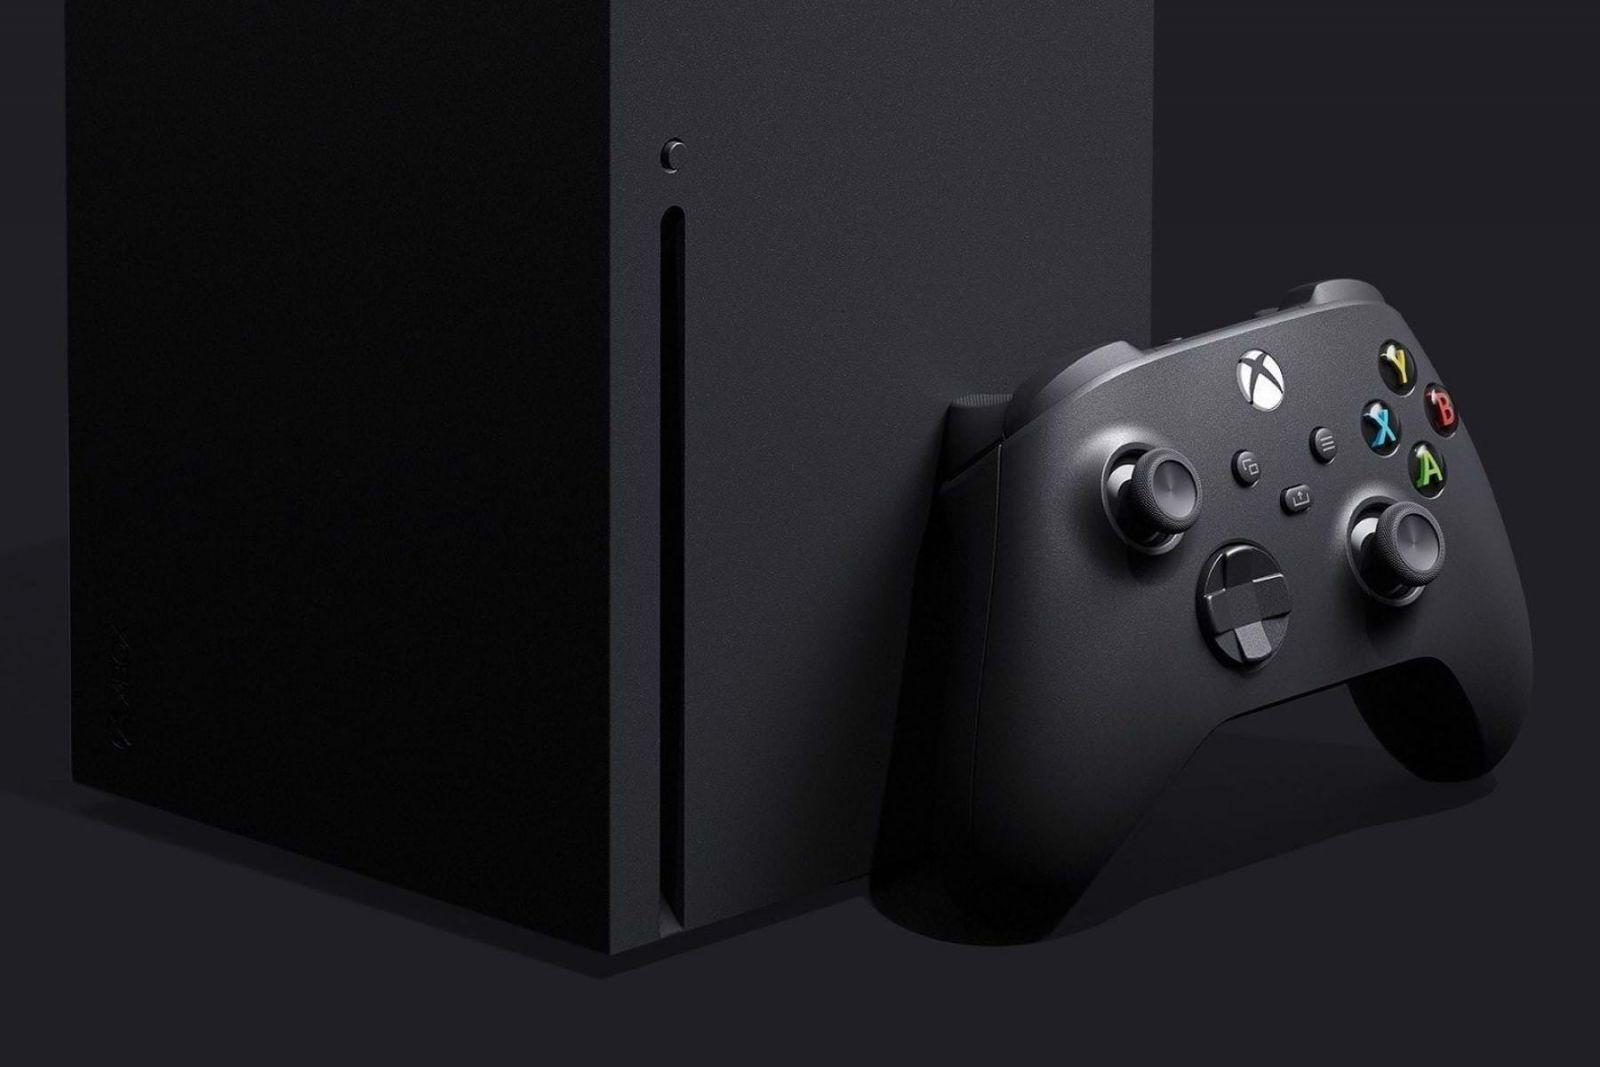 Выпуск консоли Xbox Series X: хорошие и плохие новости